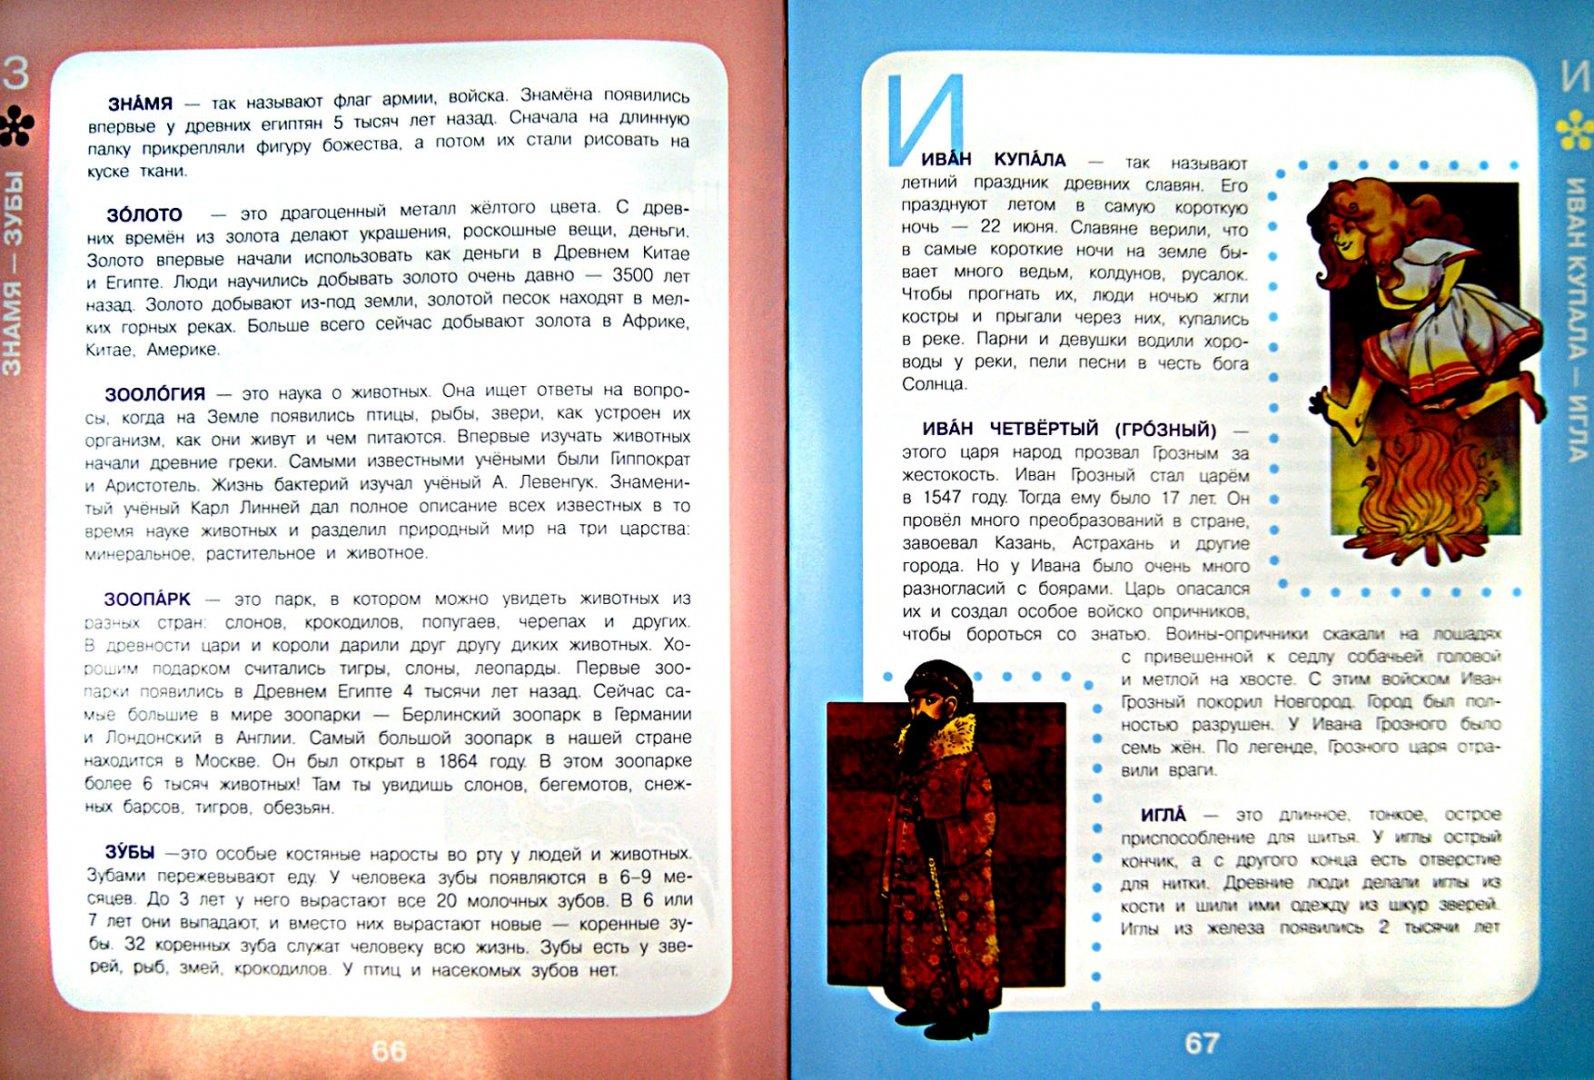 Иллюстрация 1 из 16 для Большой энциклопедический словарь для детей - Ирина Гуркова   Лабиринт - книги. Источник: Лабиринт